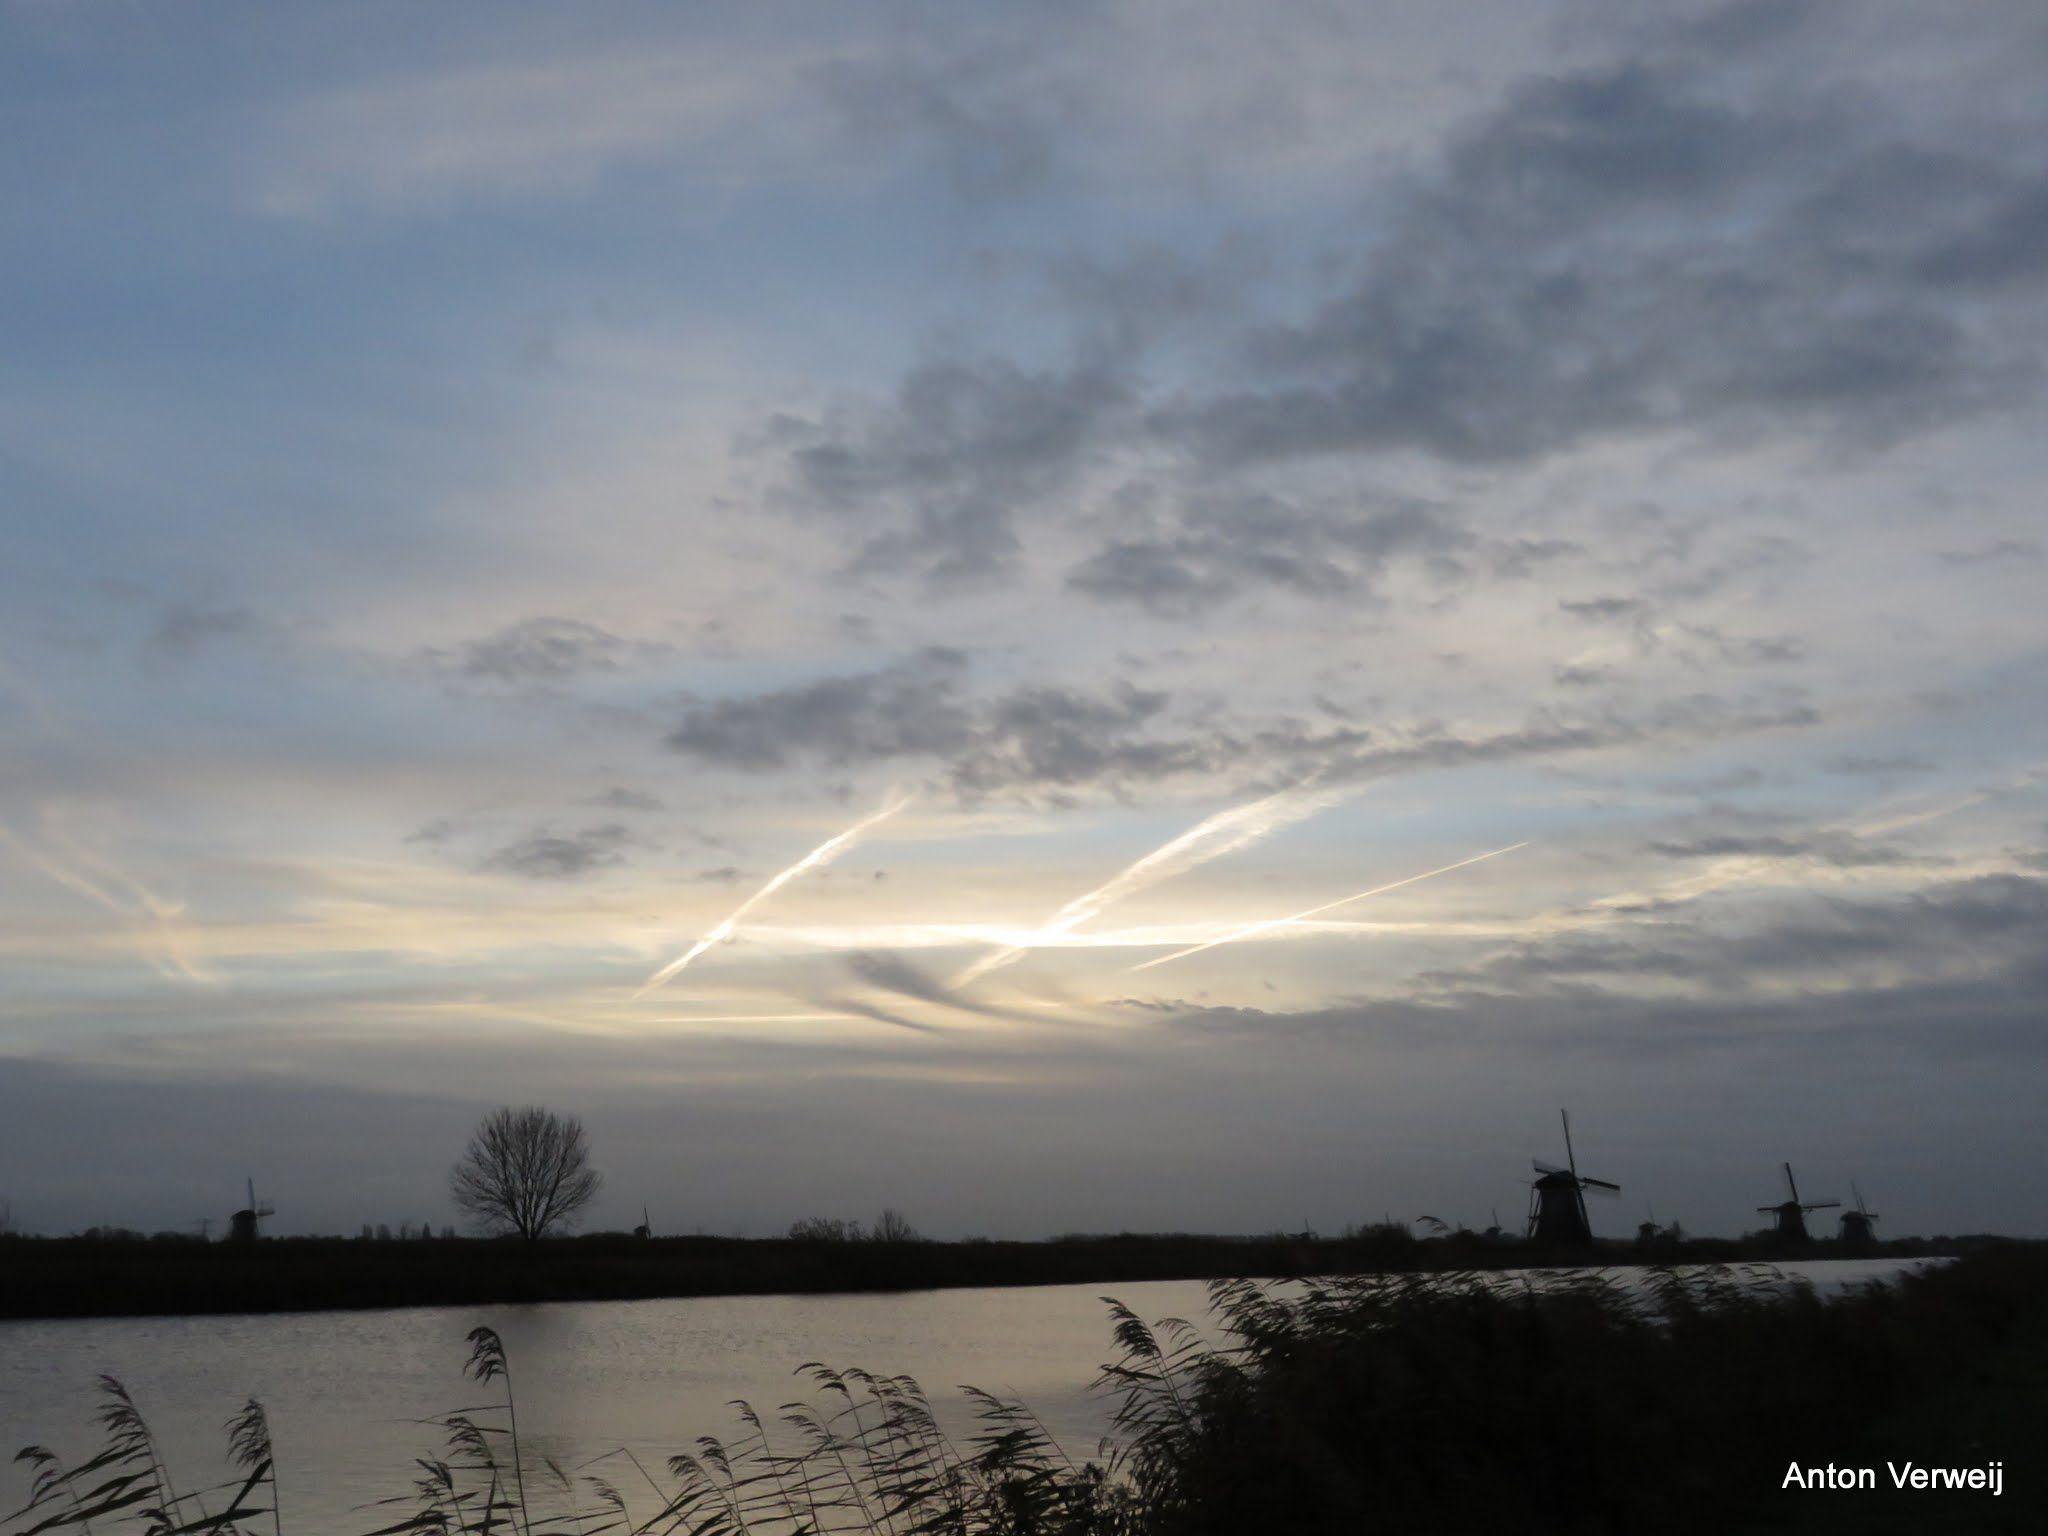 Van sereen wit-blauw en glinsterlicht ... http://godisindestilte.blogspot.nl/2015/11/van-sereen-wit-blauw-en-glinsterlicht.html